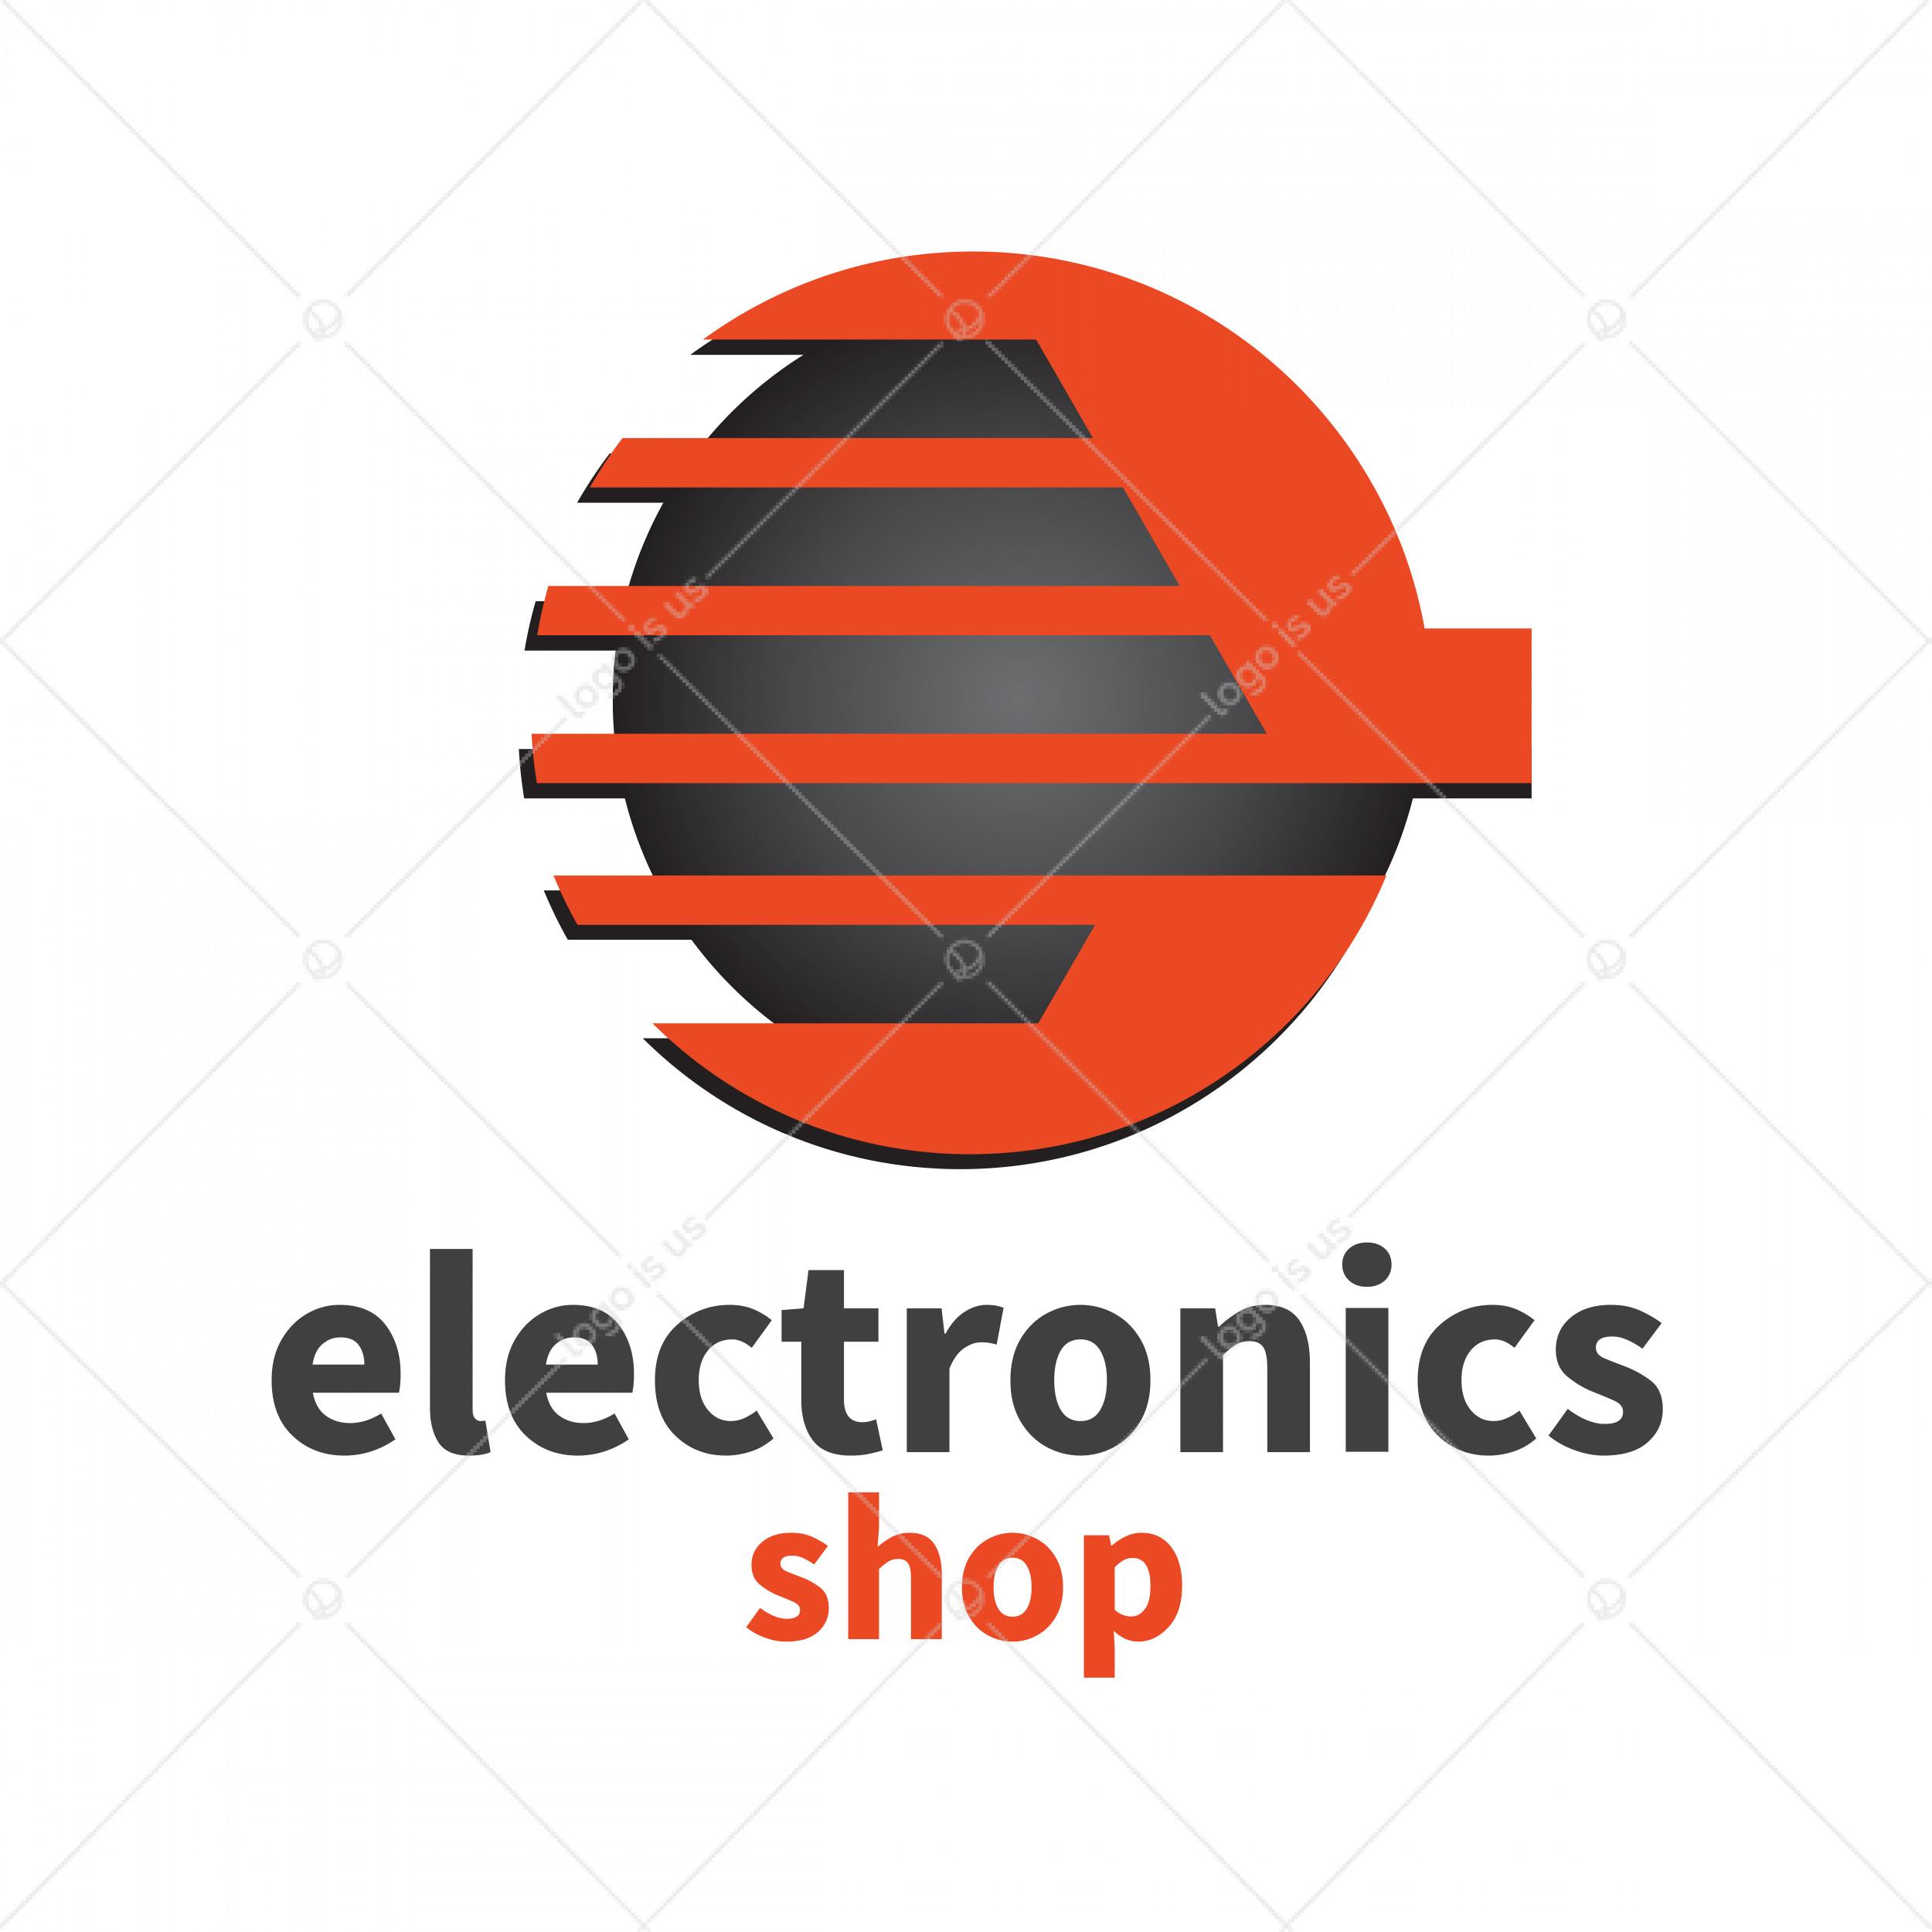 Electronics Shop Logo - Logo Is Us